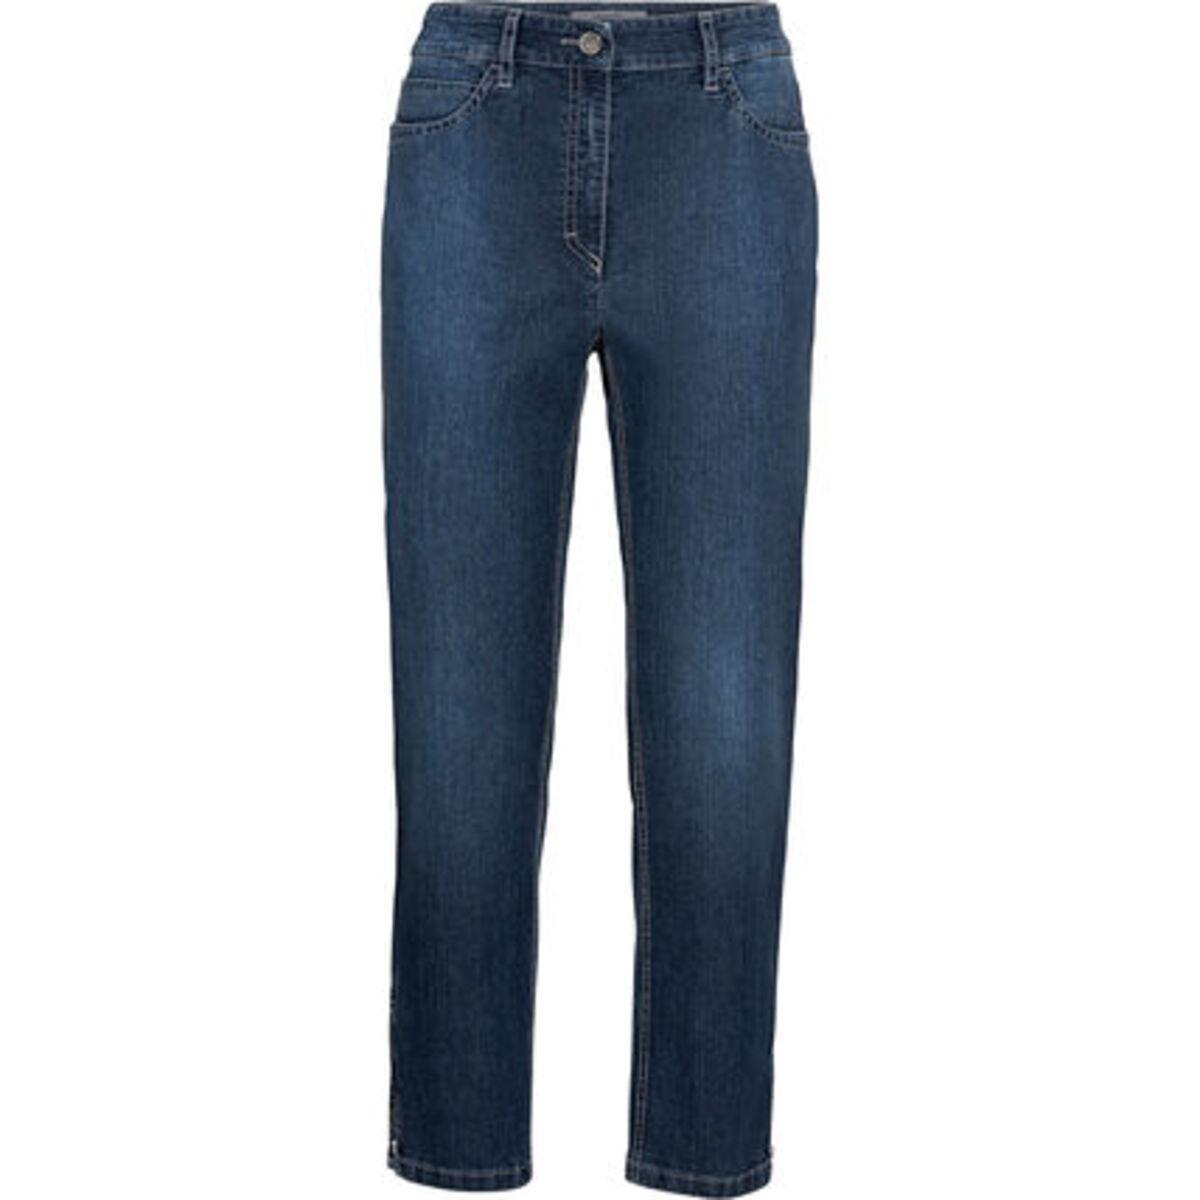 Bild 1 von Zerres Jeans, 7/8 Länge, Zipp, uni, für Damen